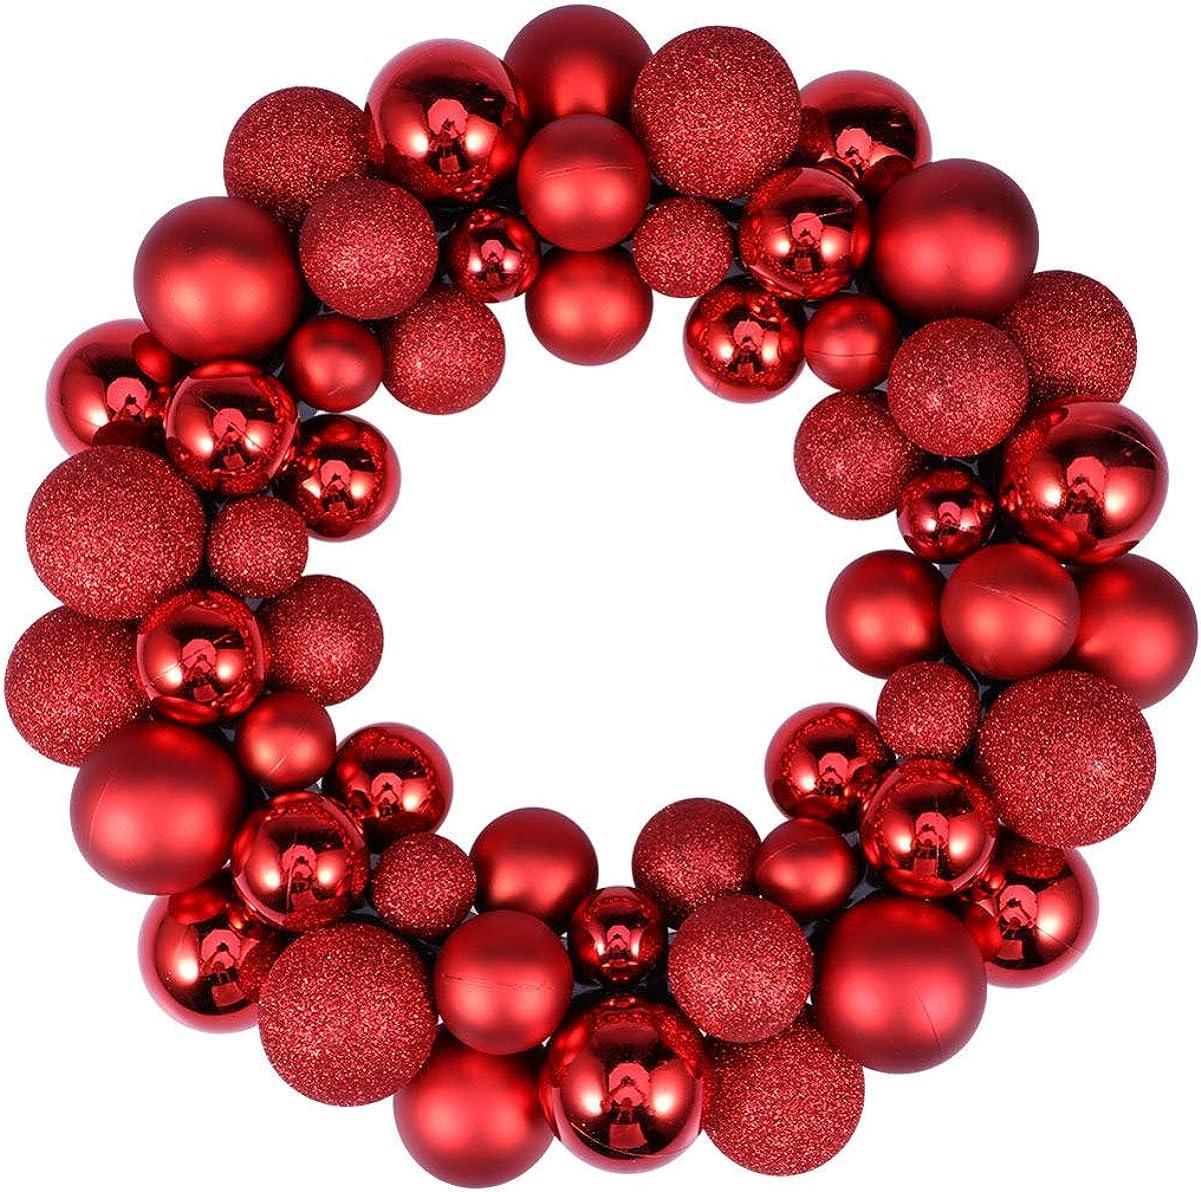 VALICLUD Adorno Navideño Guirnalda Festivo Decoración Navideña Resplandecer Árbol de Navidad Bolas Decoración Fiesta Navideña Puerta de Entrada Colgante Decoraciones Dorado